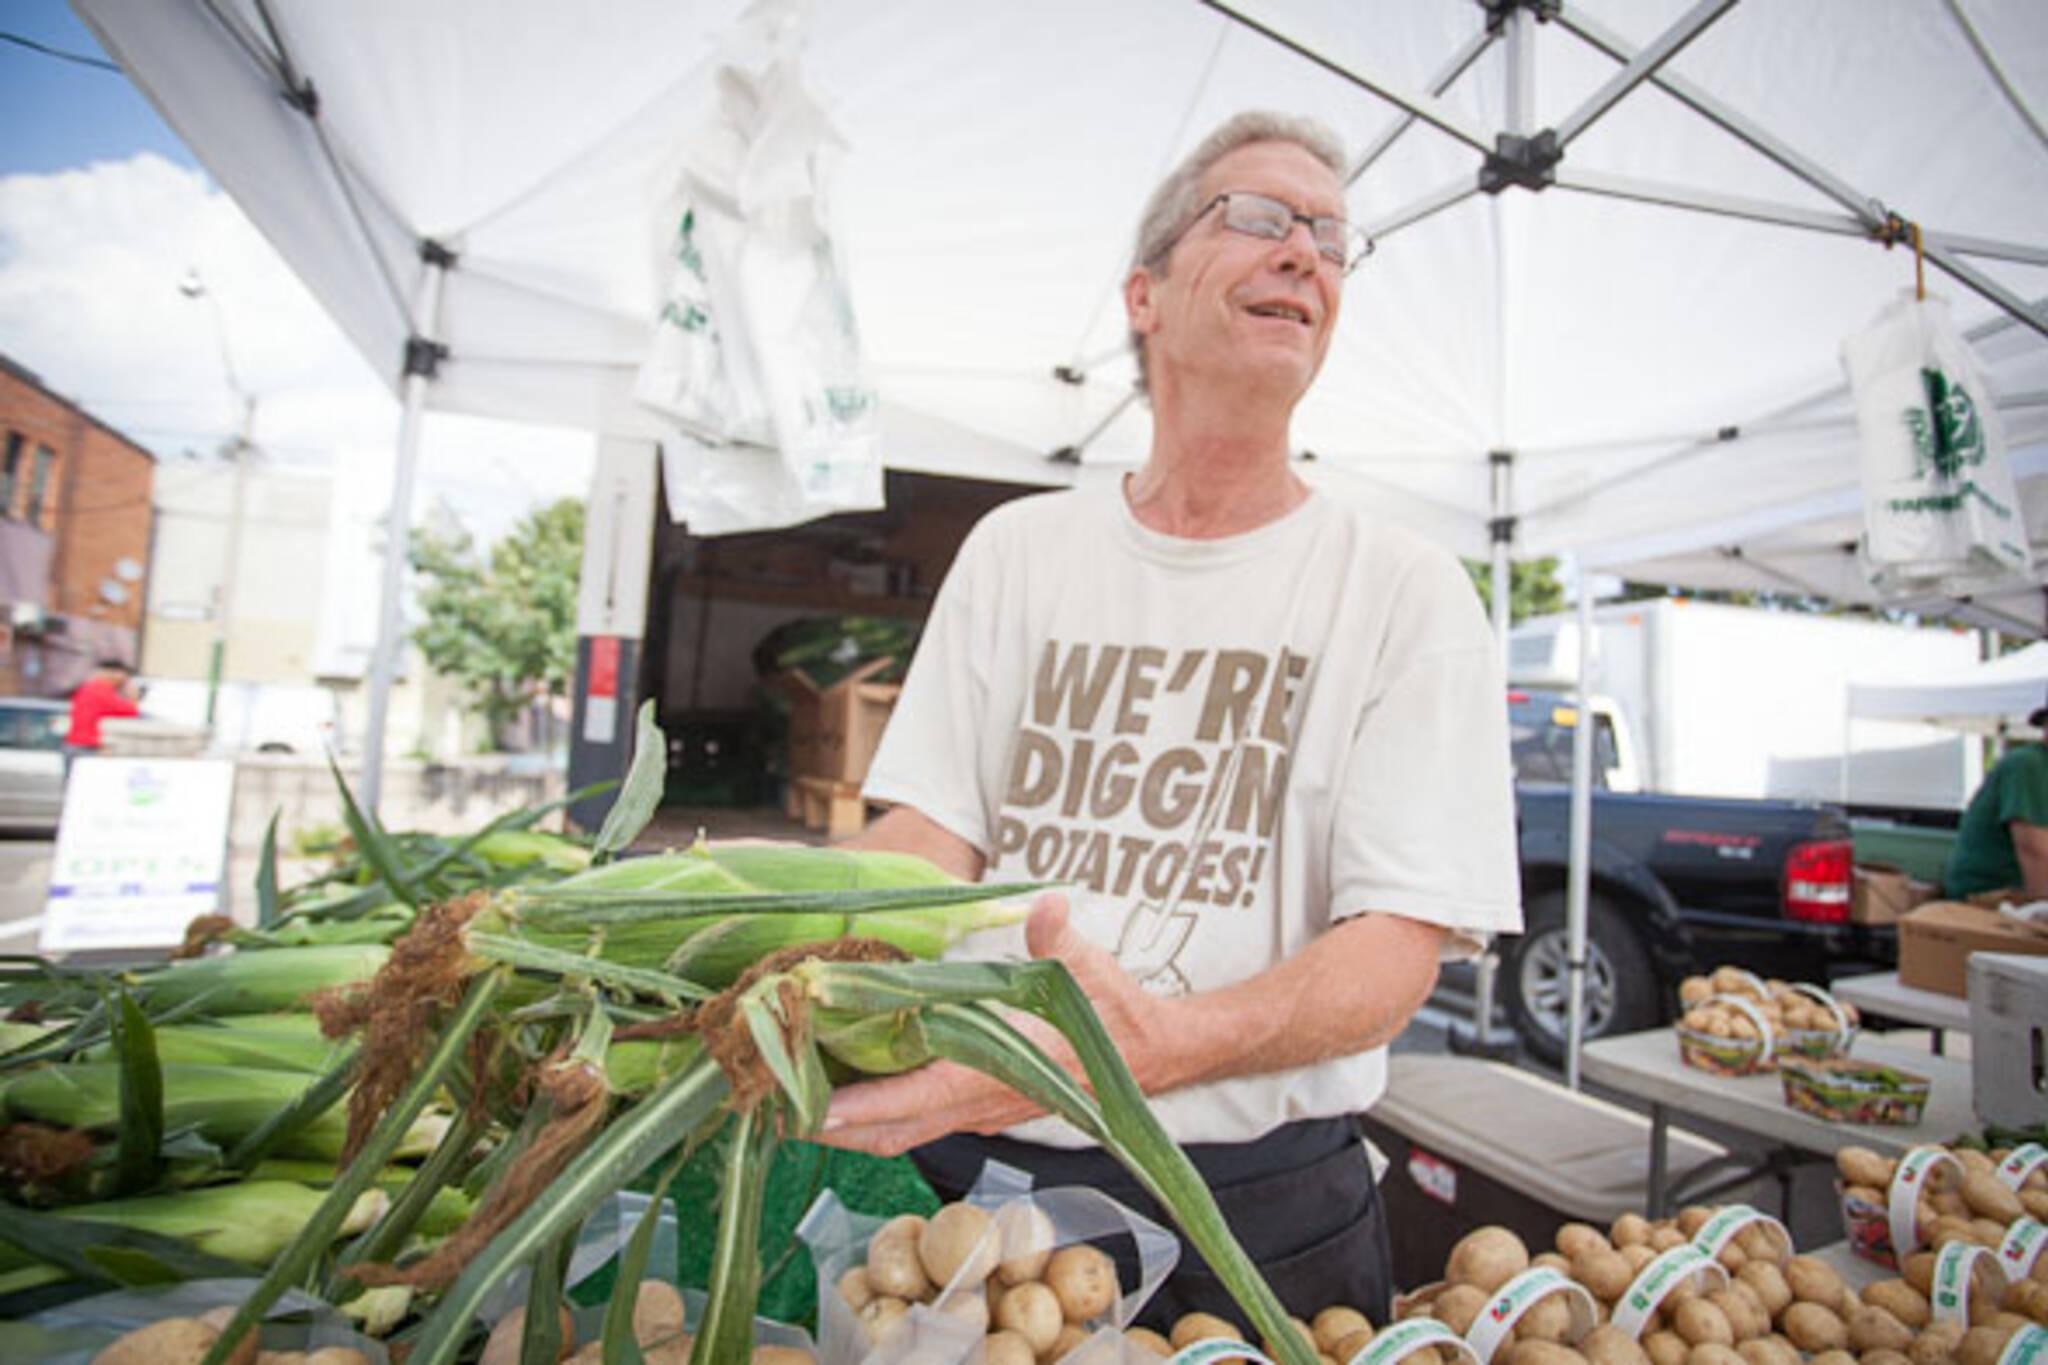 bloor borden farmers market